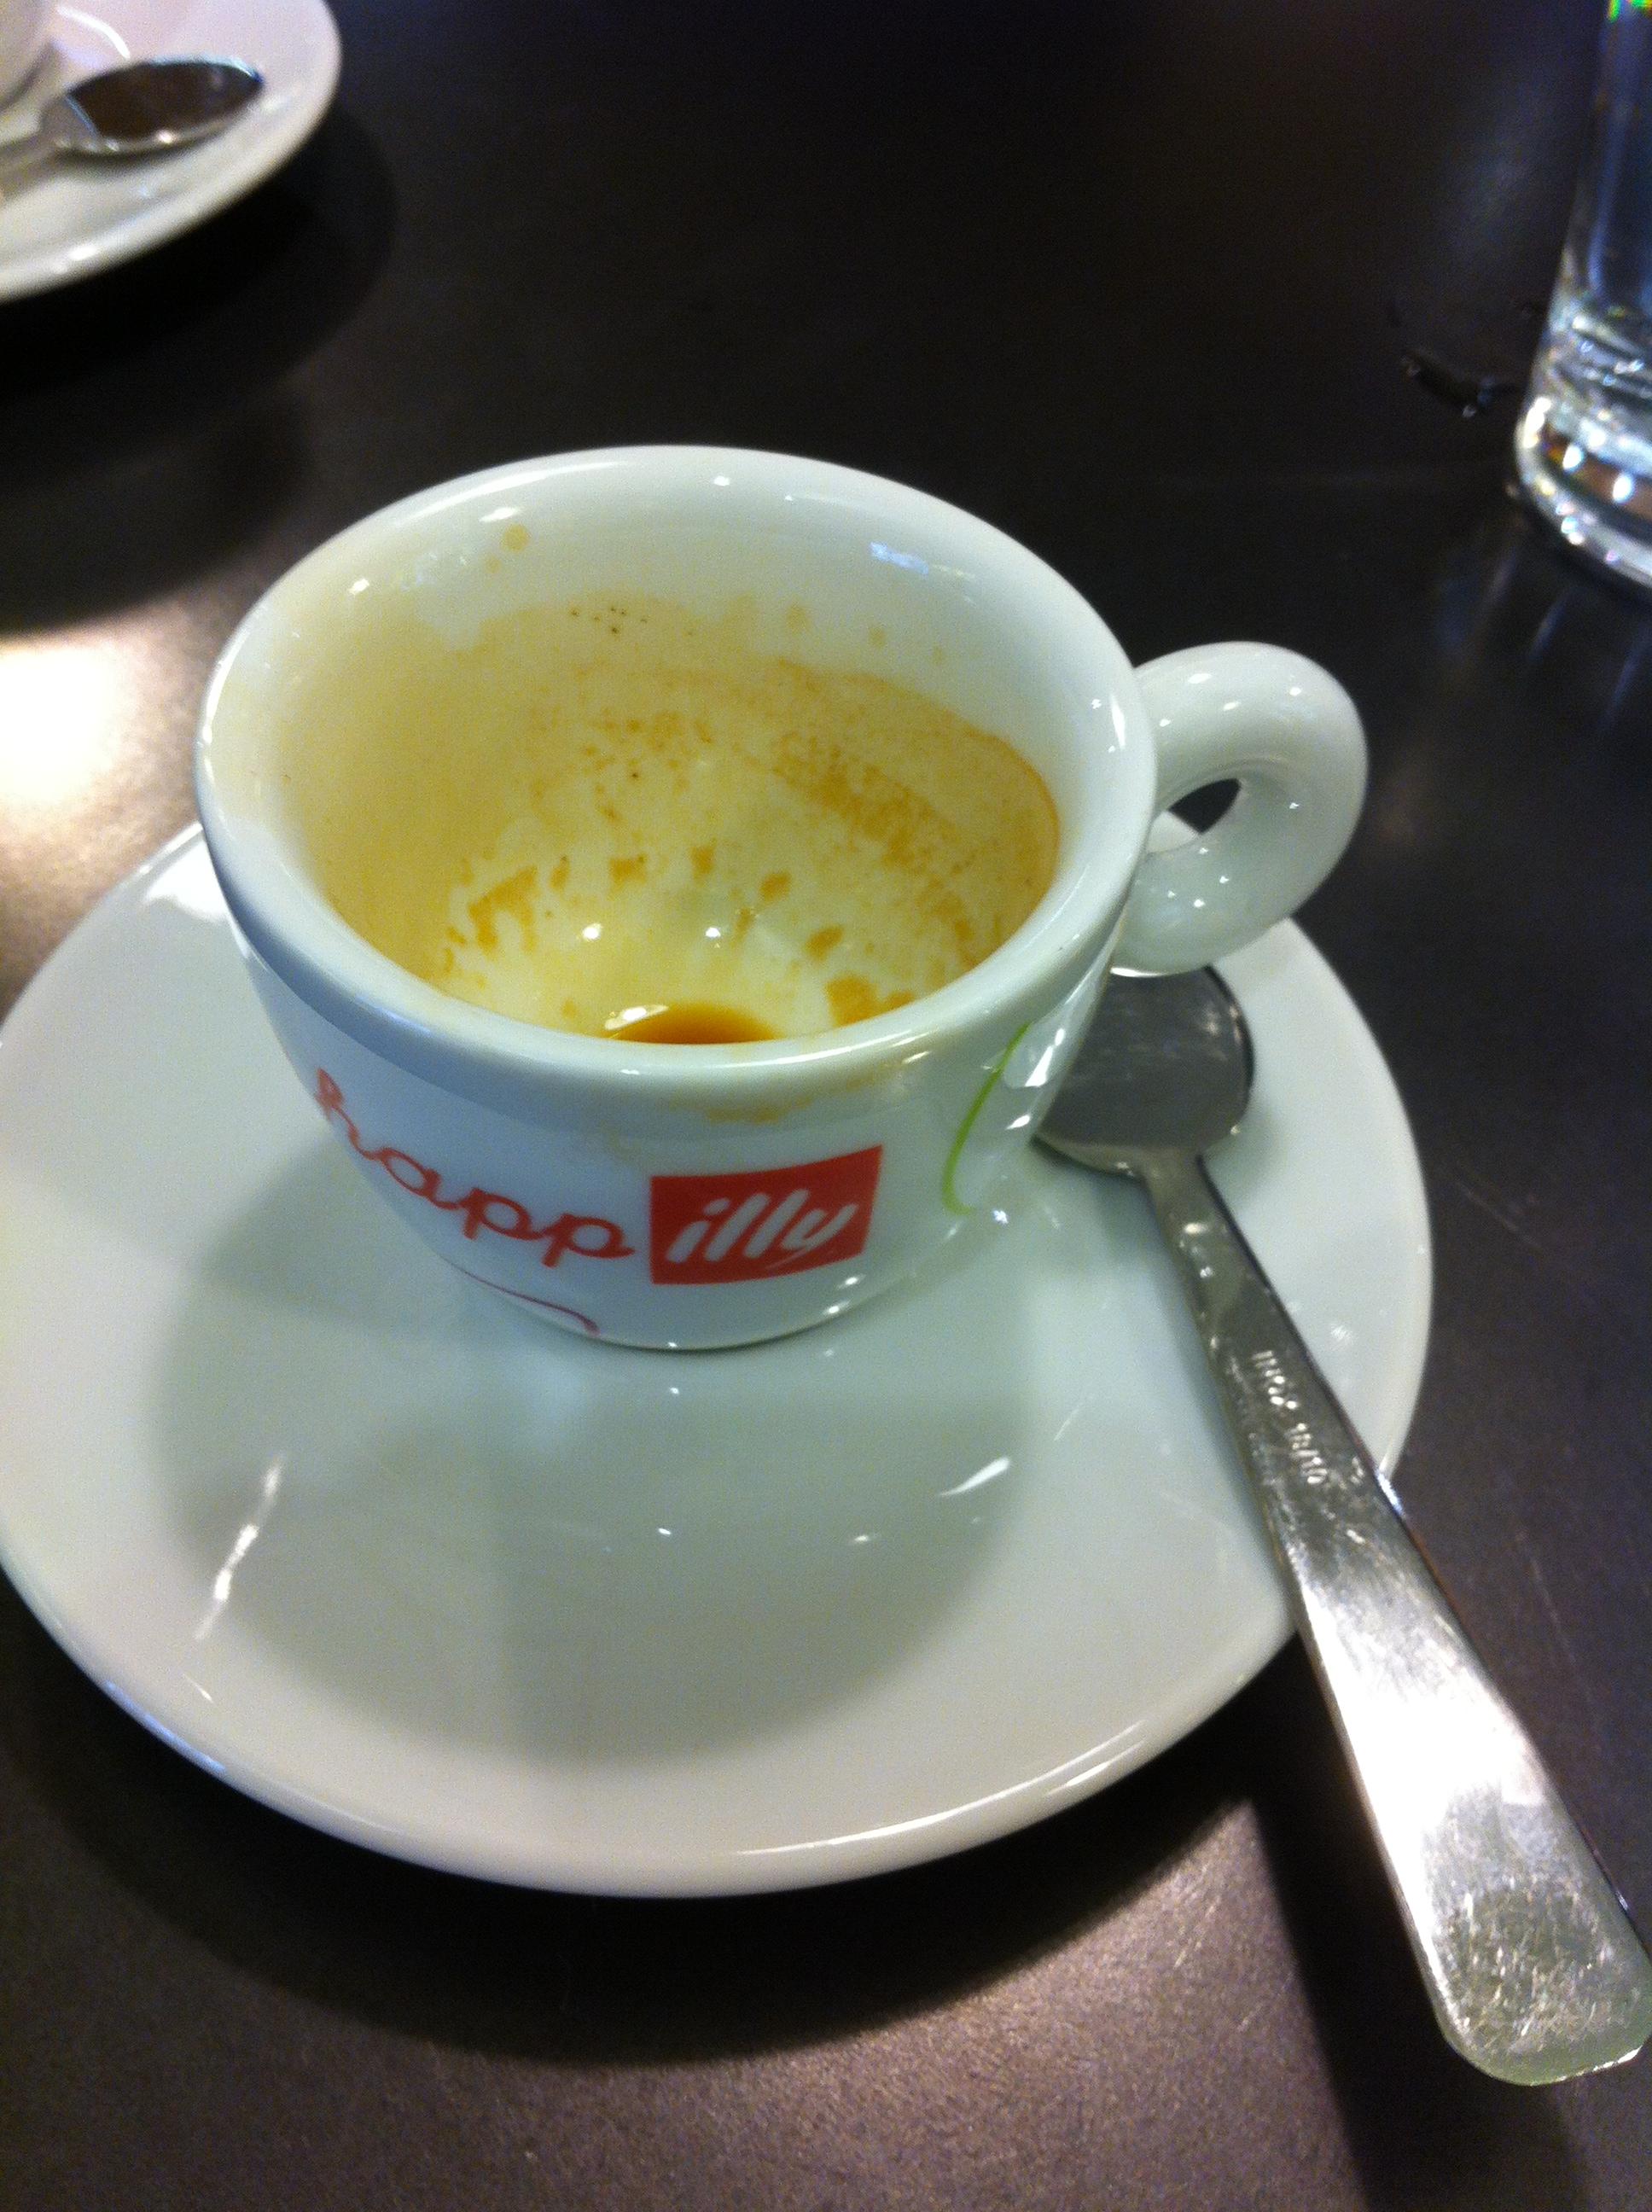 RECENSIONE DI UN CAFFE IN CAPSULA ILLY ETIOPIA